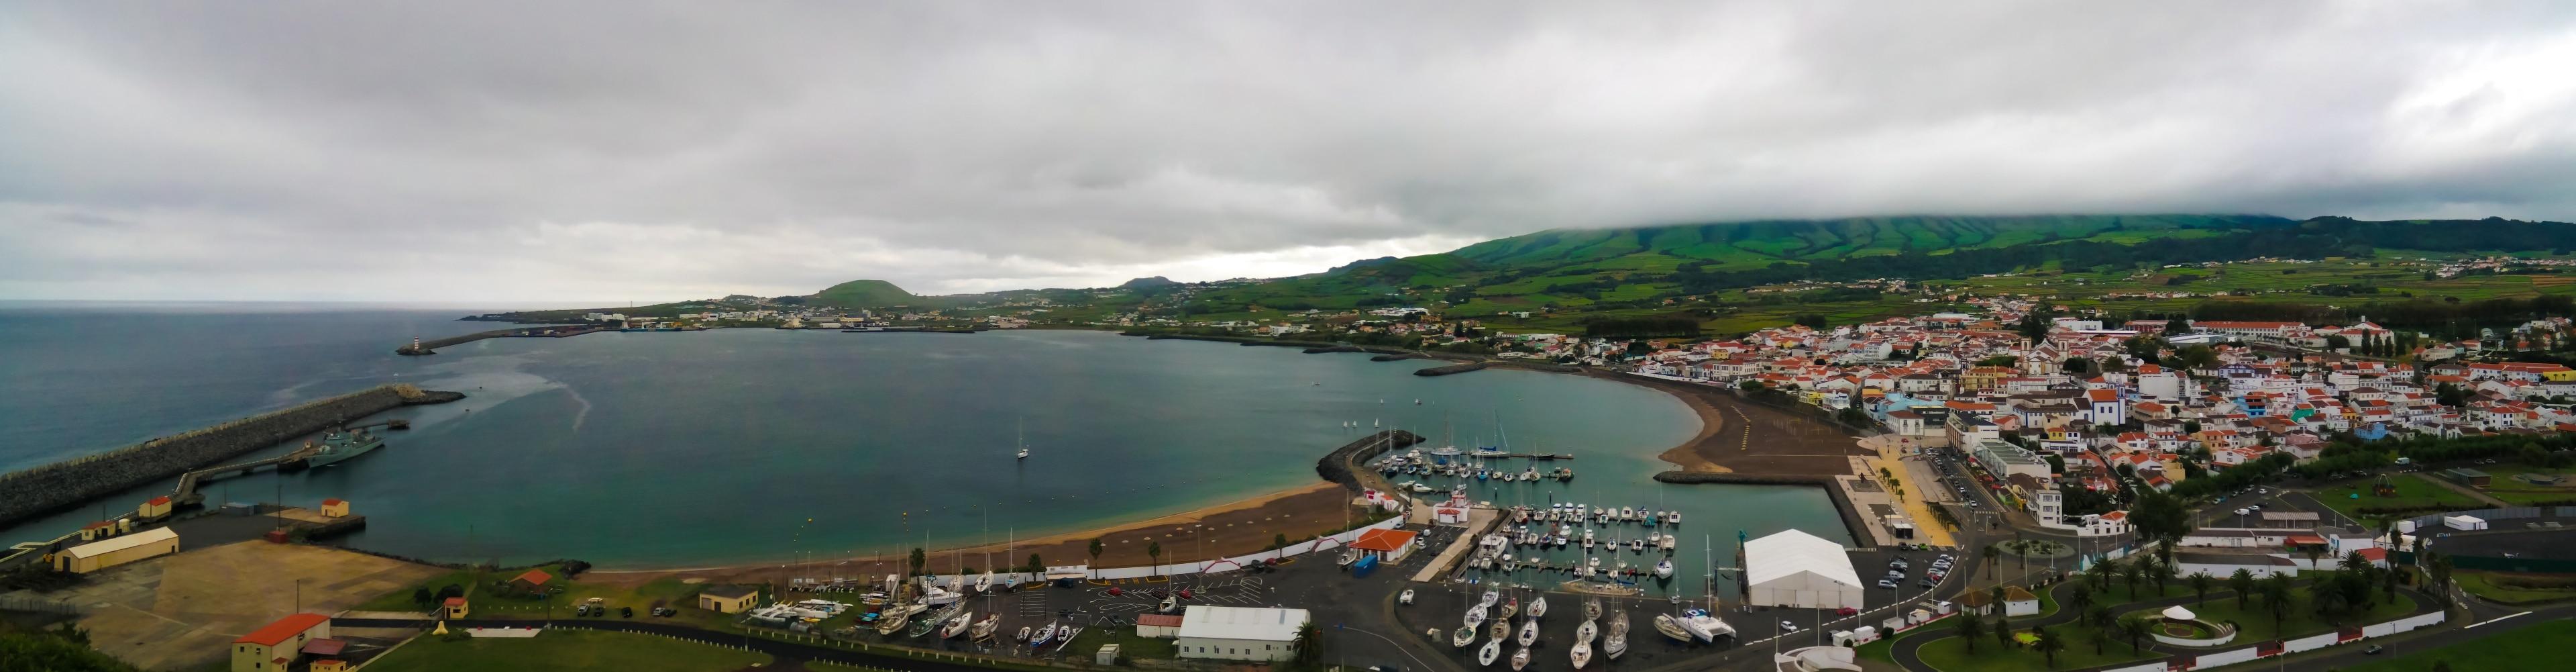 Terceira, Azoren, Portugal